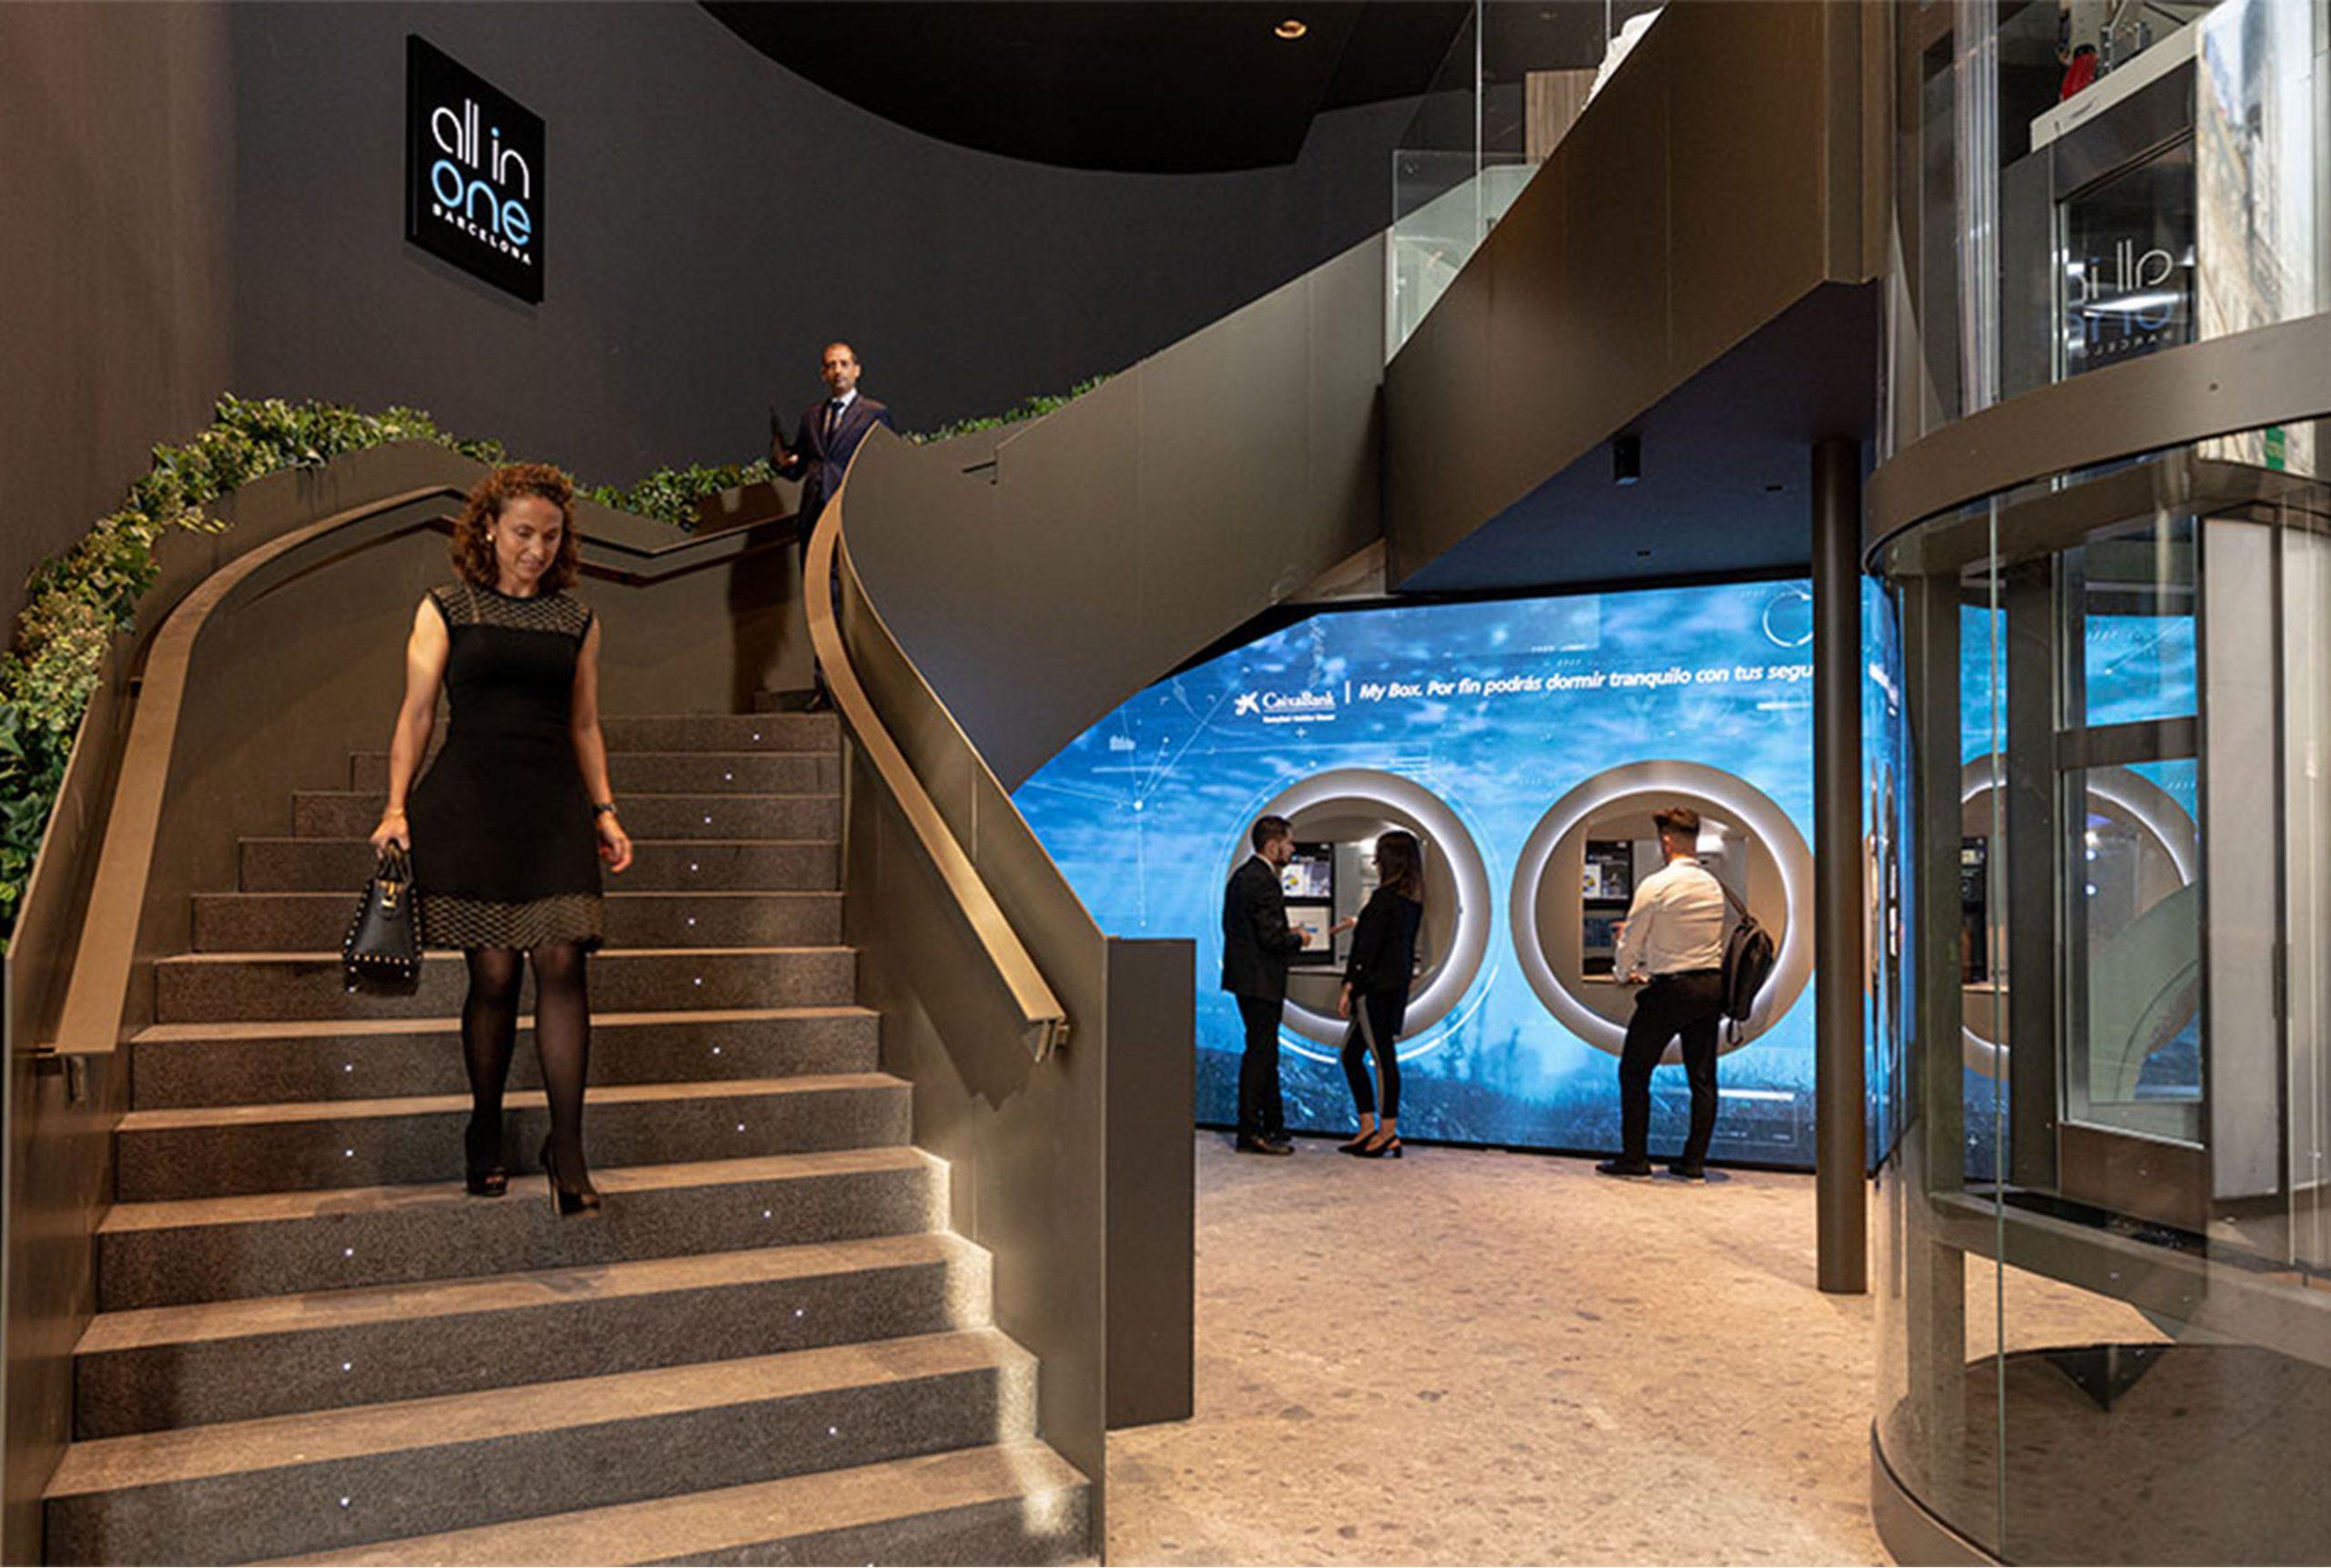 All in one Caixa Bank, ejemplo de espacios multifuncionales en barcelona